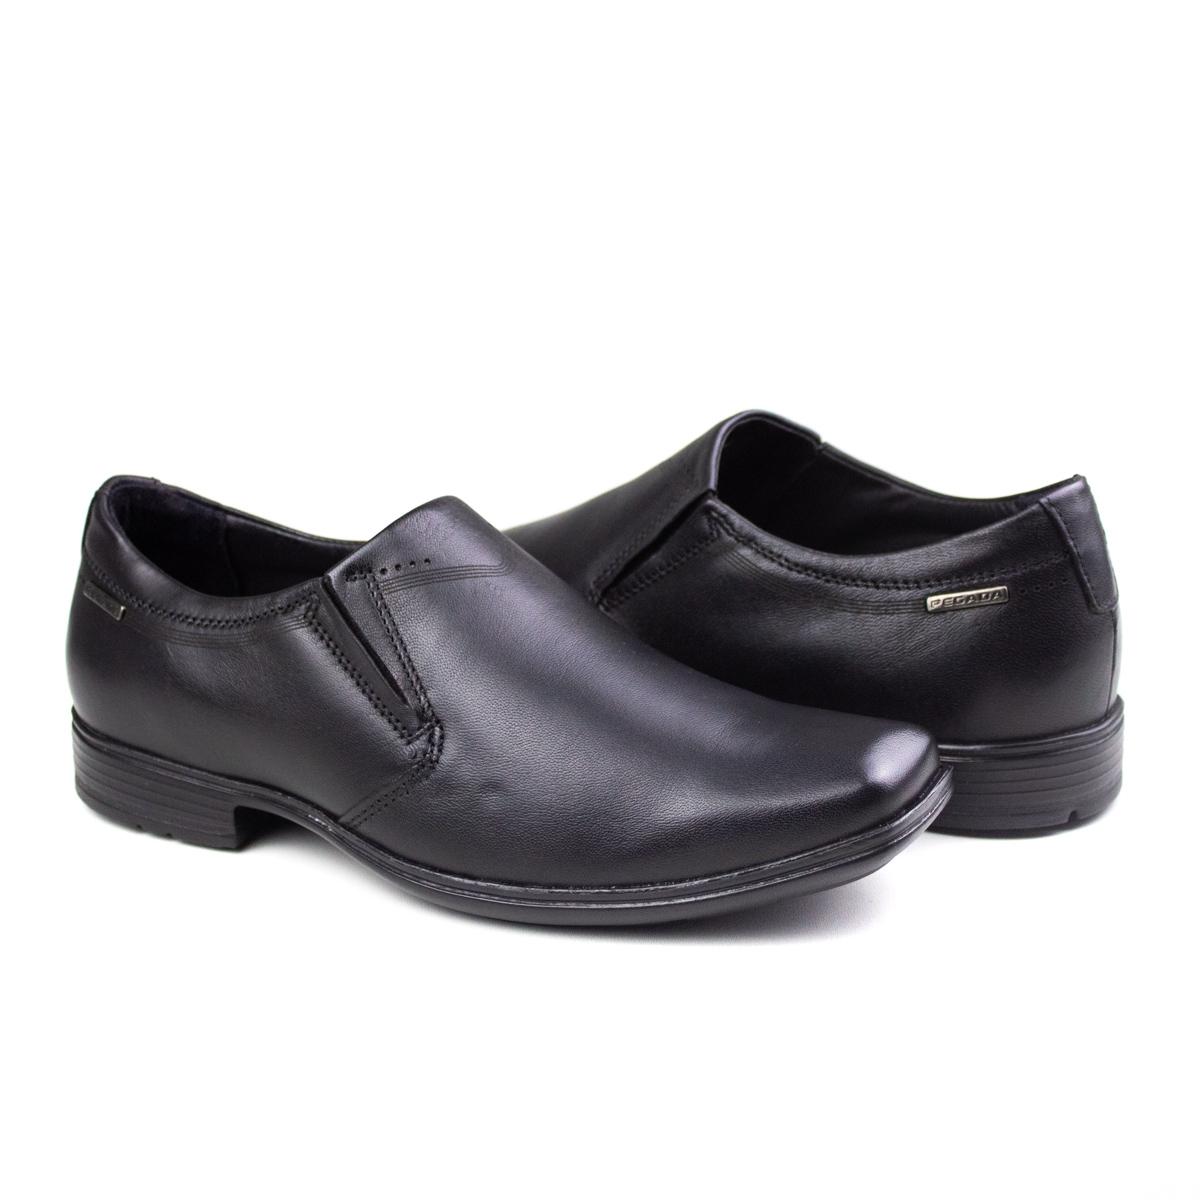 Sapato Masculino Pegada Esporte Leve Calcar Pegada - Preto